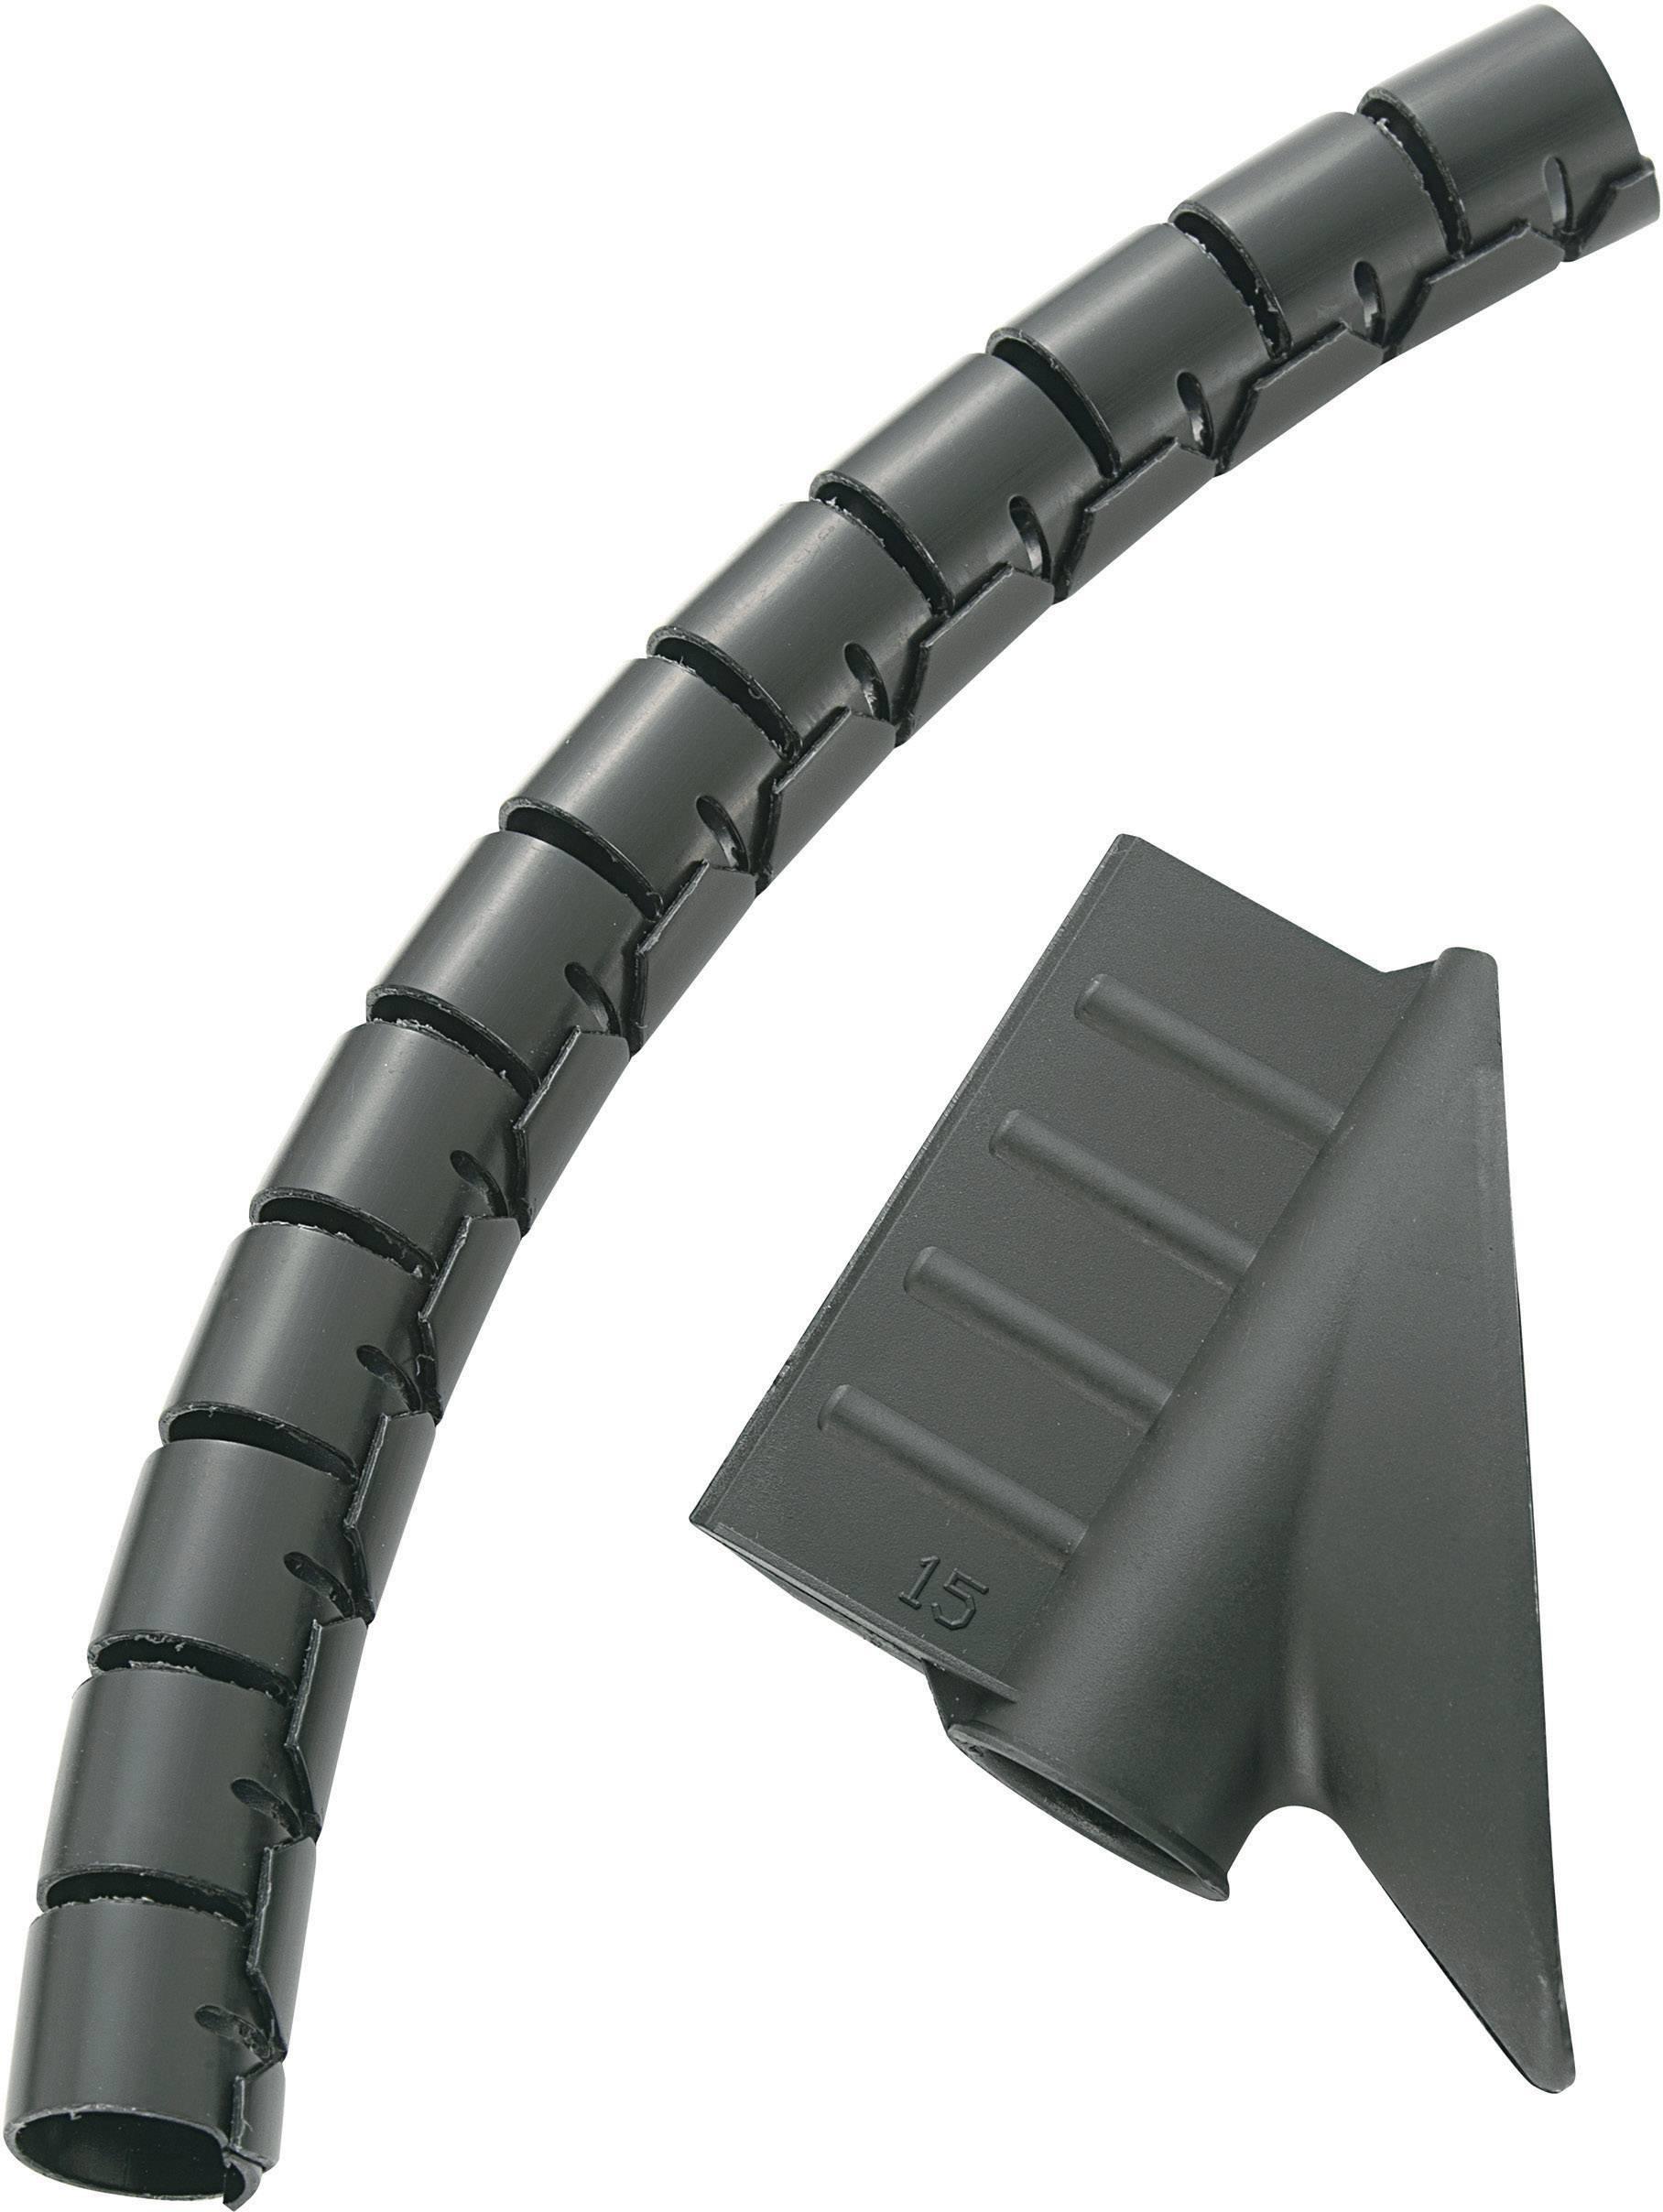 Ochranná spirála pro kabely TRU COMPONENTS TC-MX-KLT25BK203 1593182, černá, 5 m